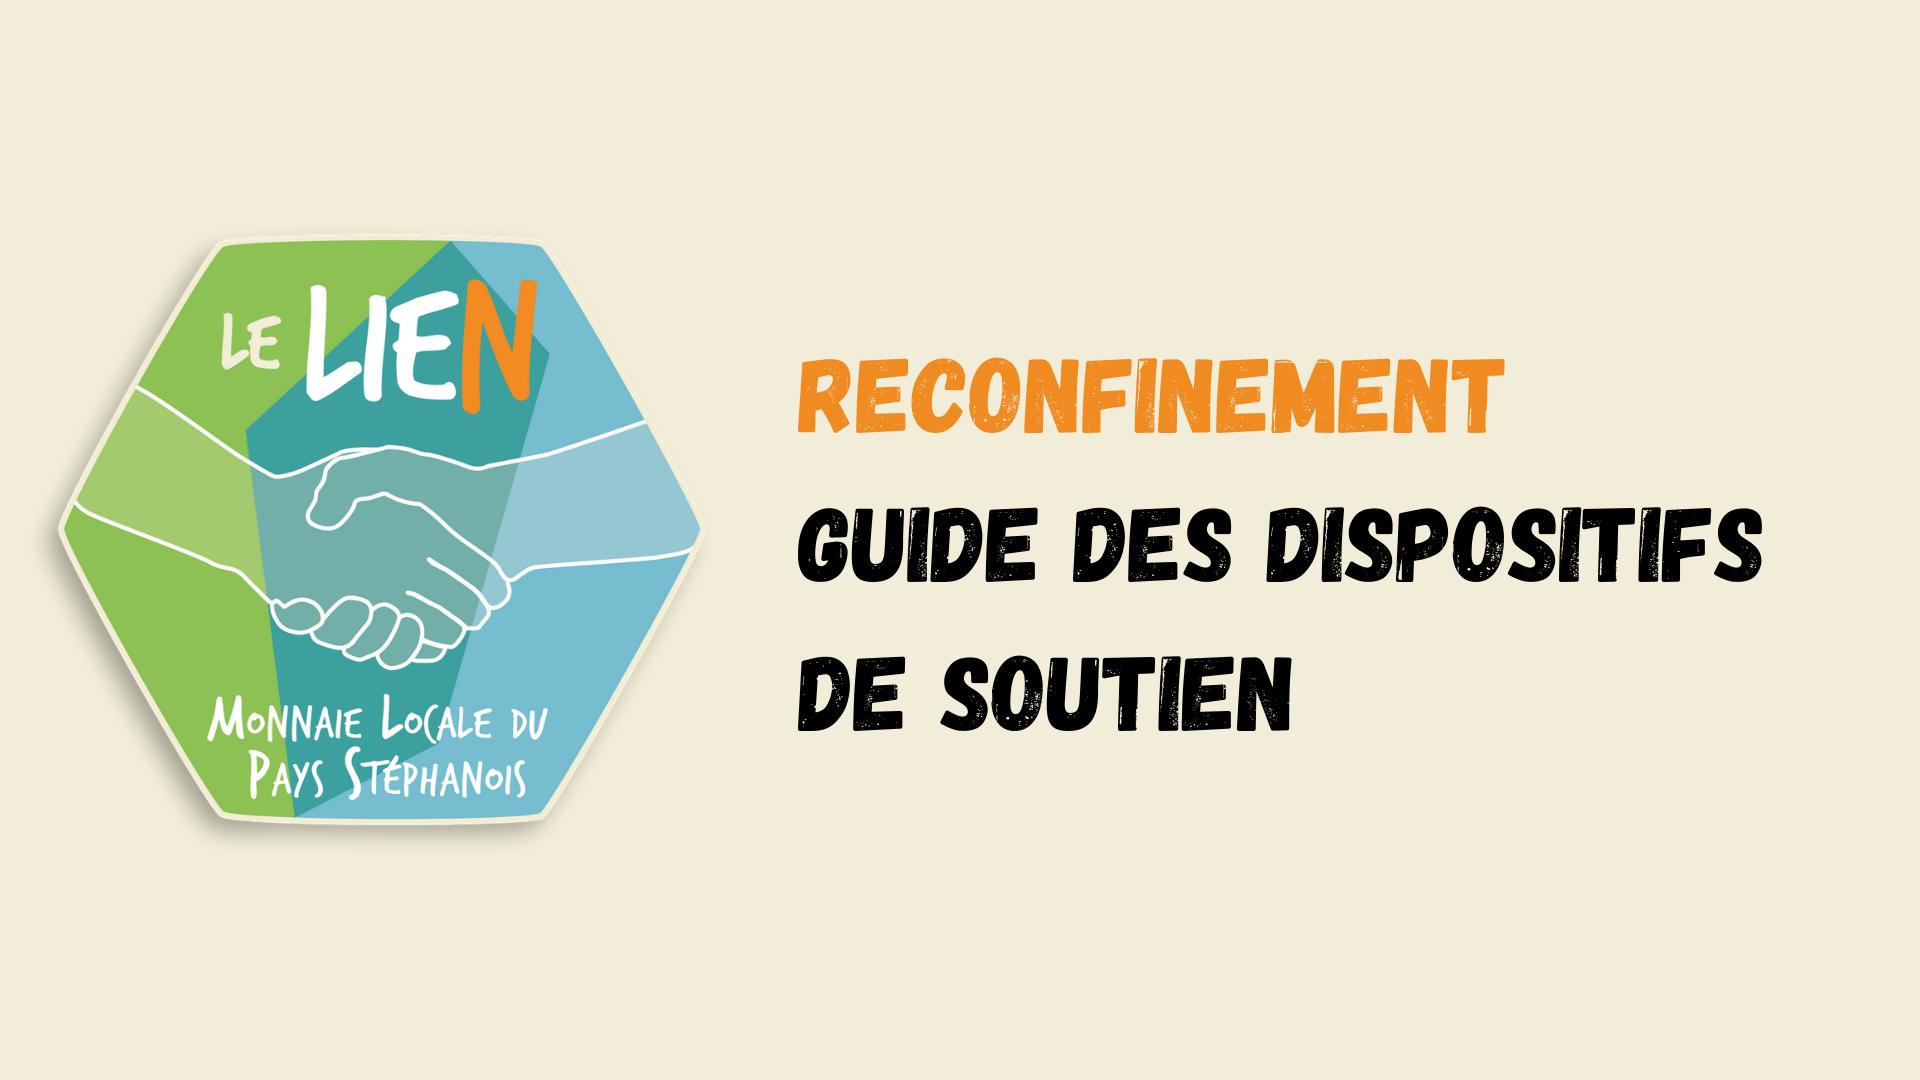 Reconfinement : Guide des dispositifs de soutien